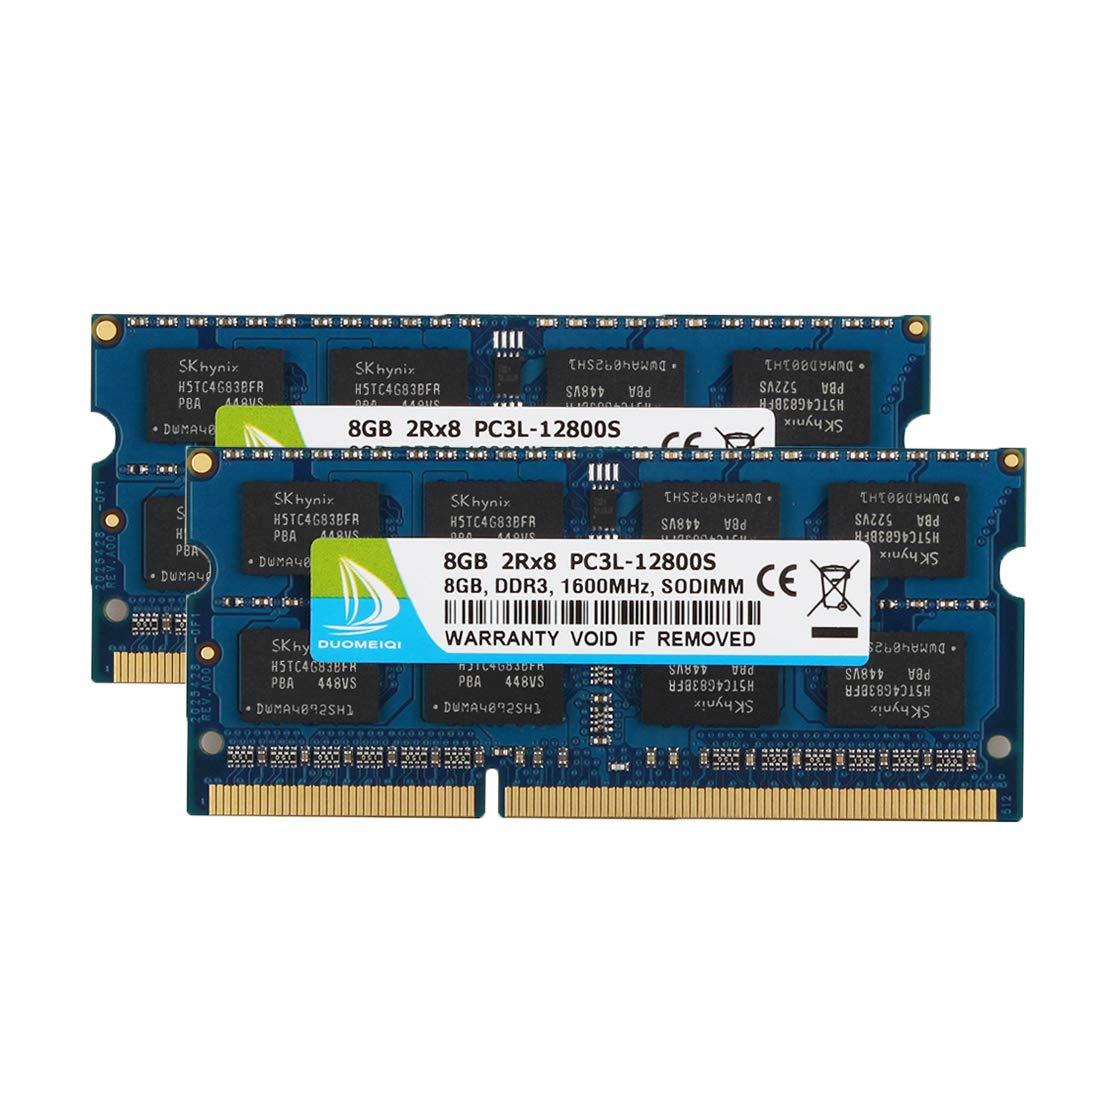 motoeagle 8GB DDR3L 1600 MHz SODIMM PC3L 12800S 1.35V//1.5V RAM 204-Pin Memory Upgrade for MacBook Pro Mac mini//Server iMac